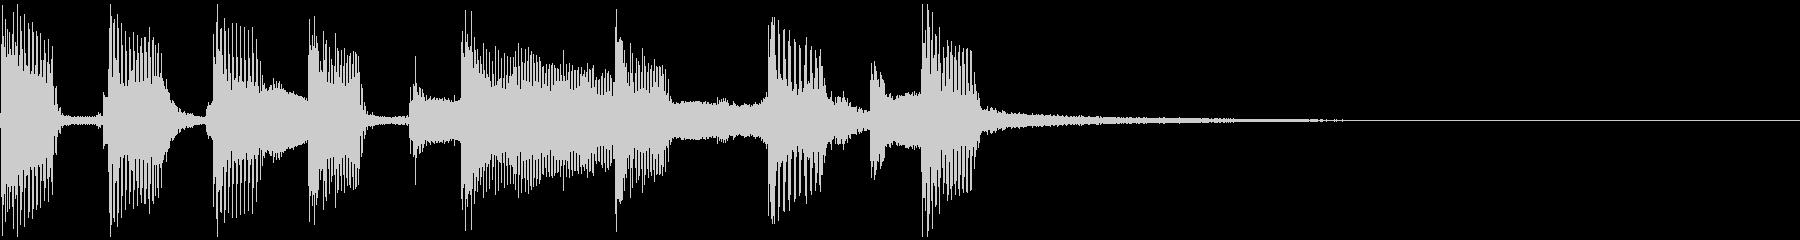 シンセオルガンのバンドサウンドジングルの未再生の波形